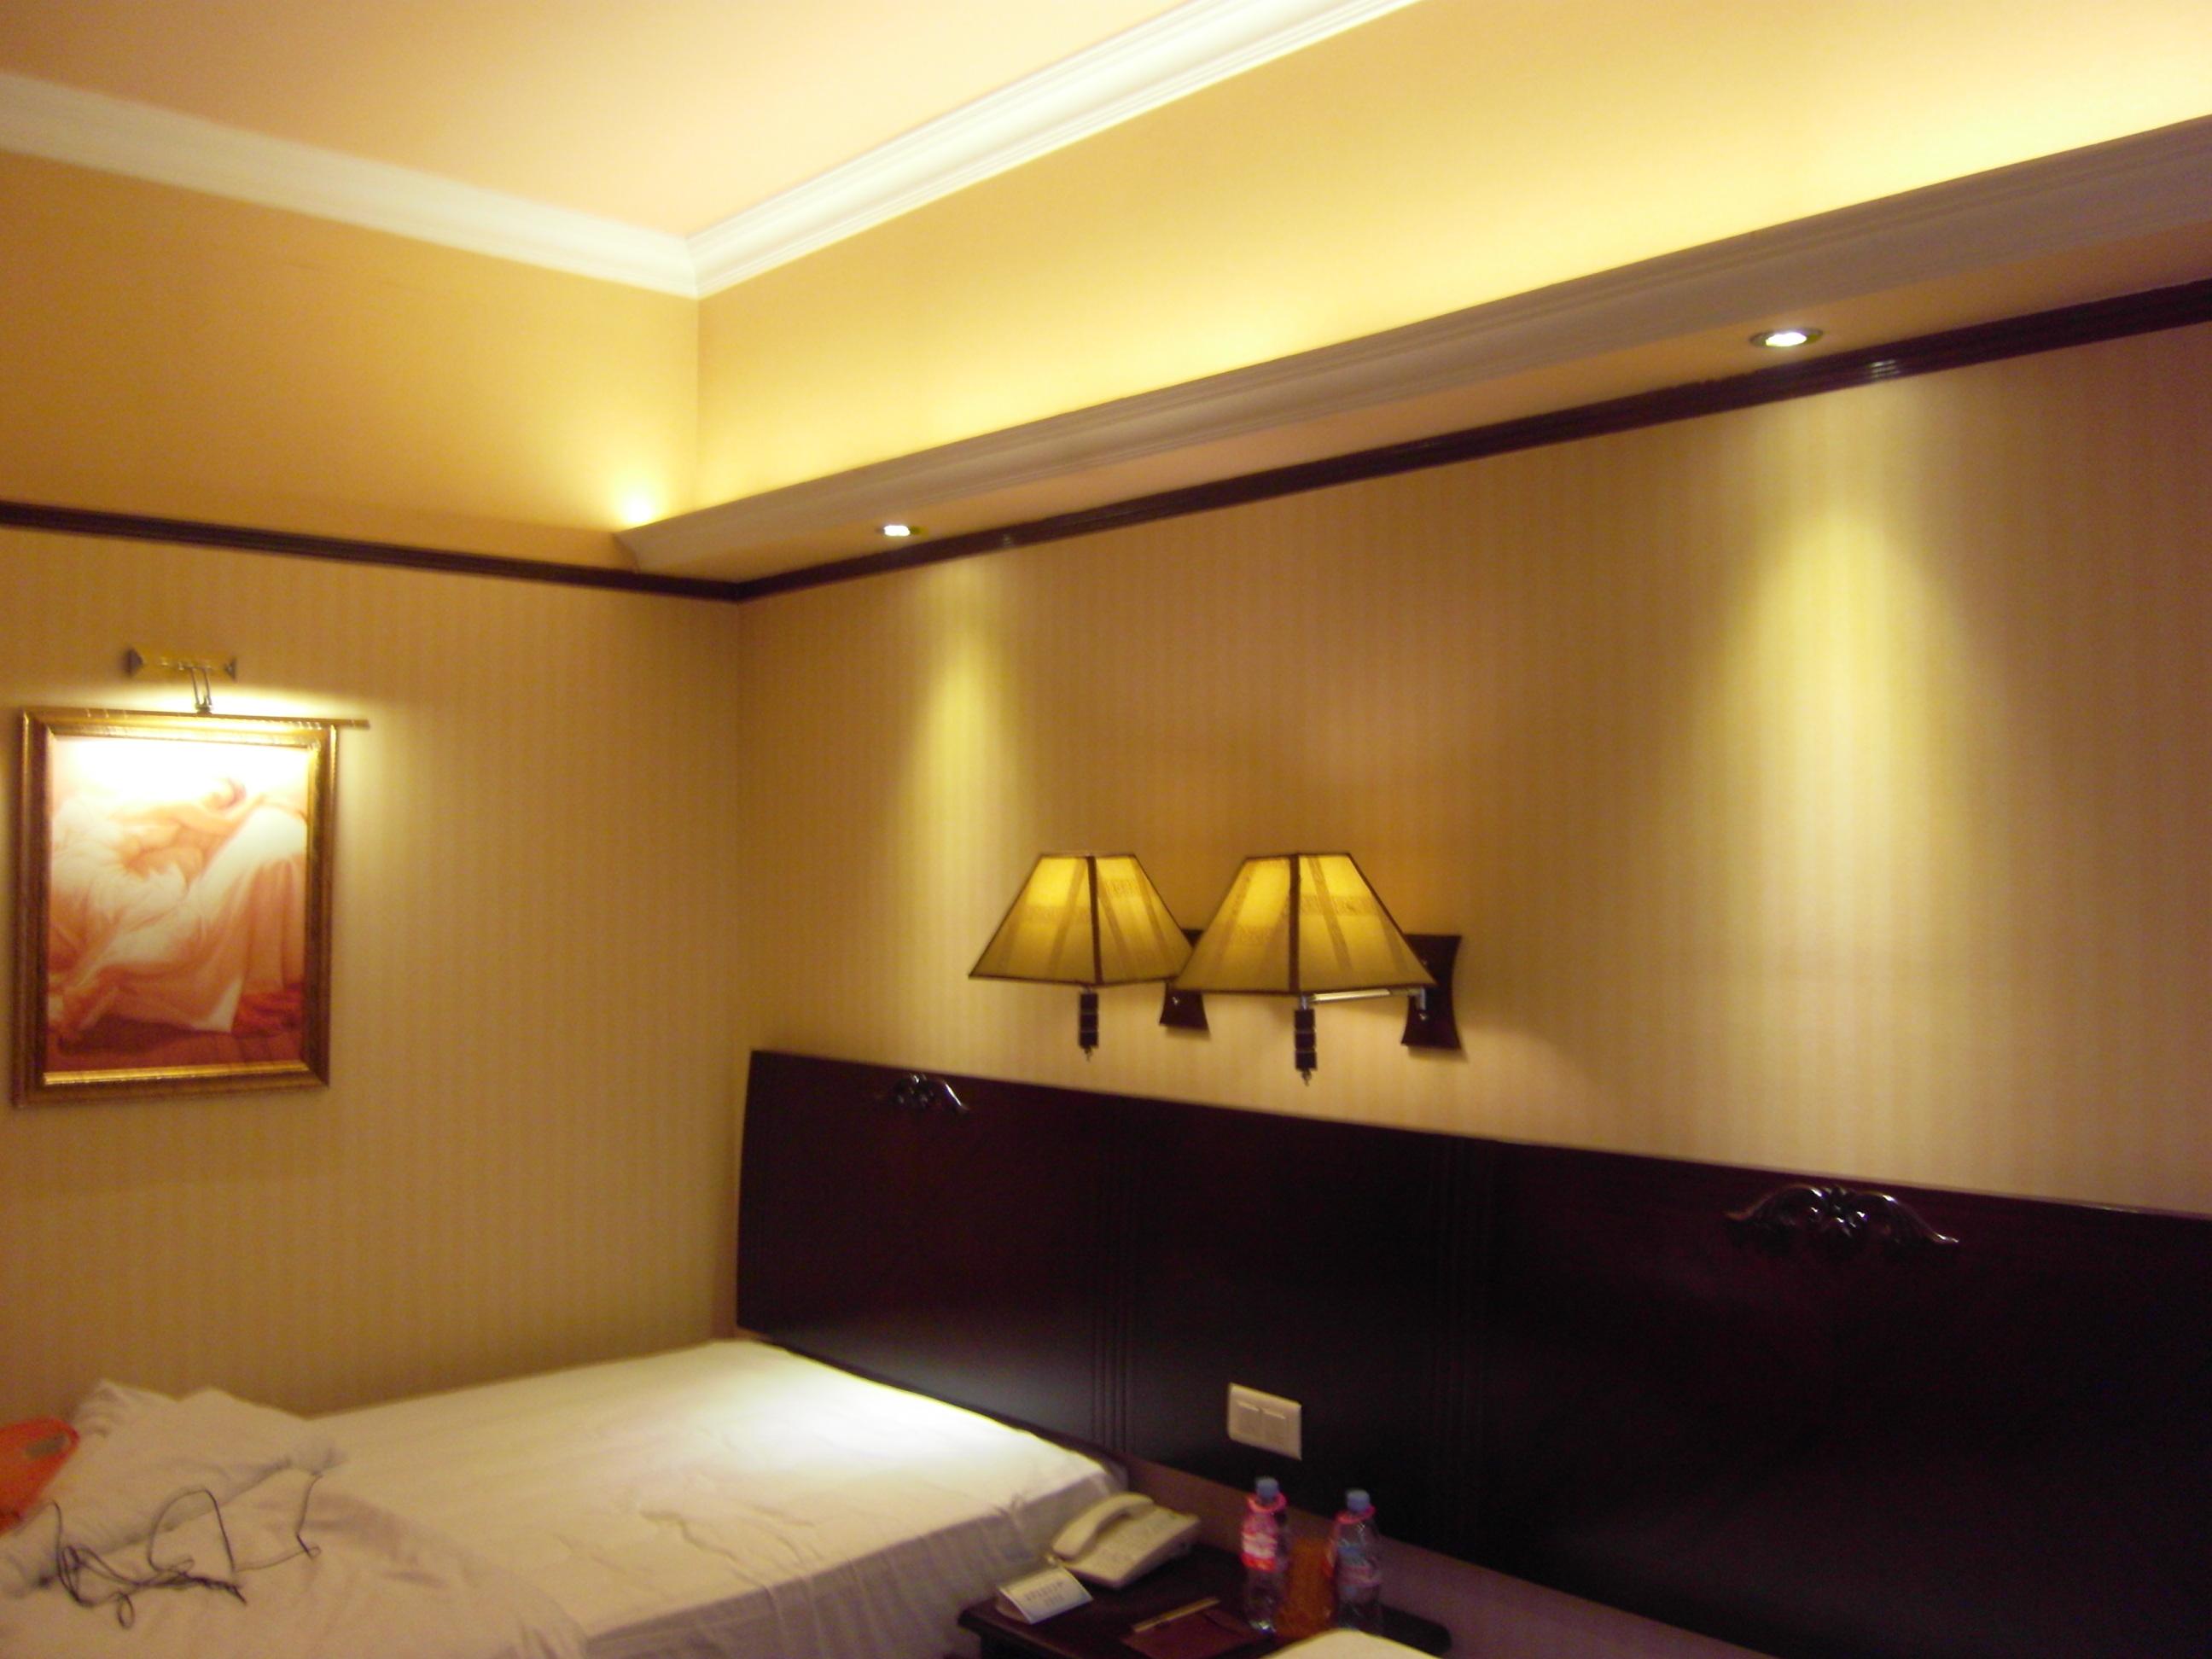 hostelería iluminación led